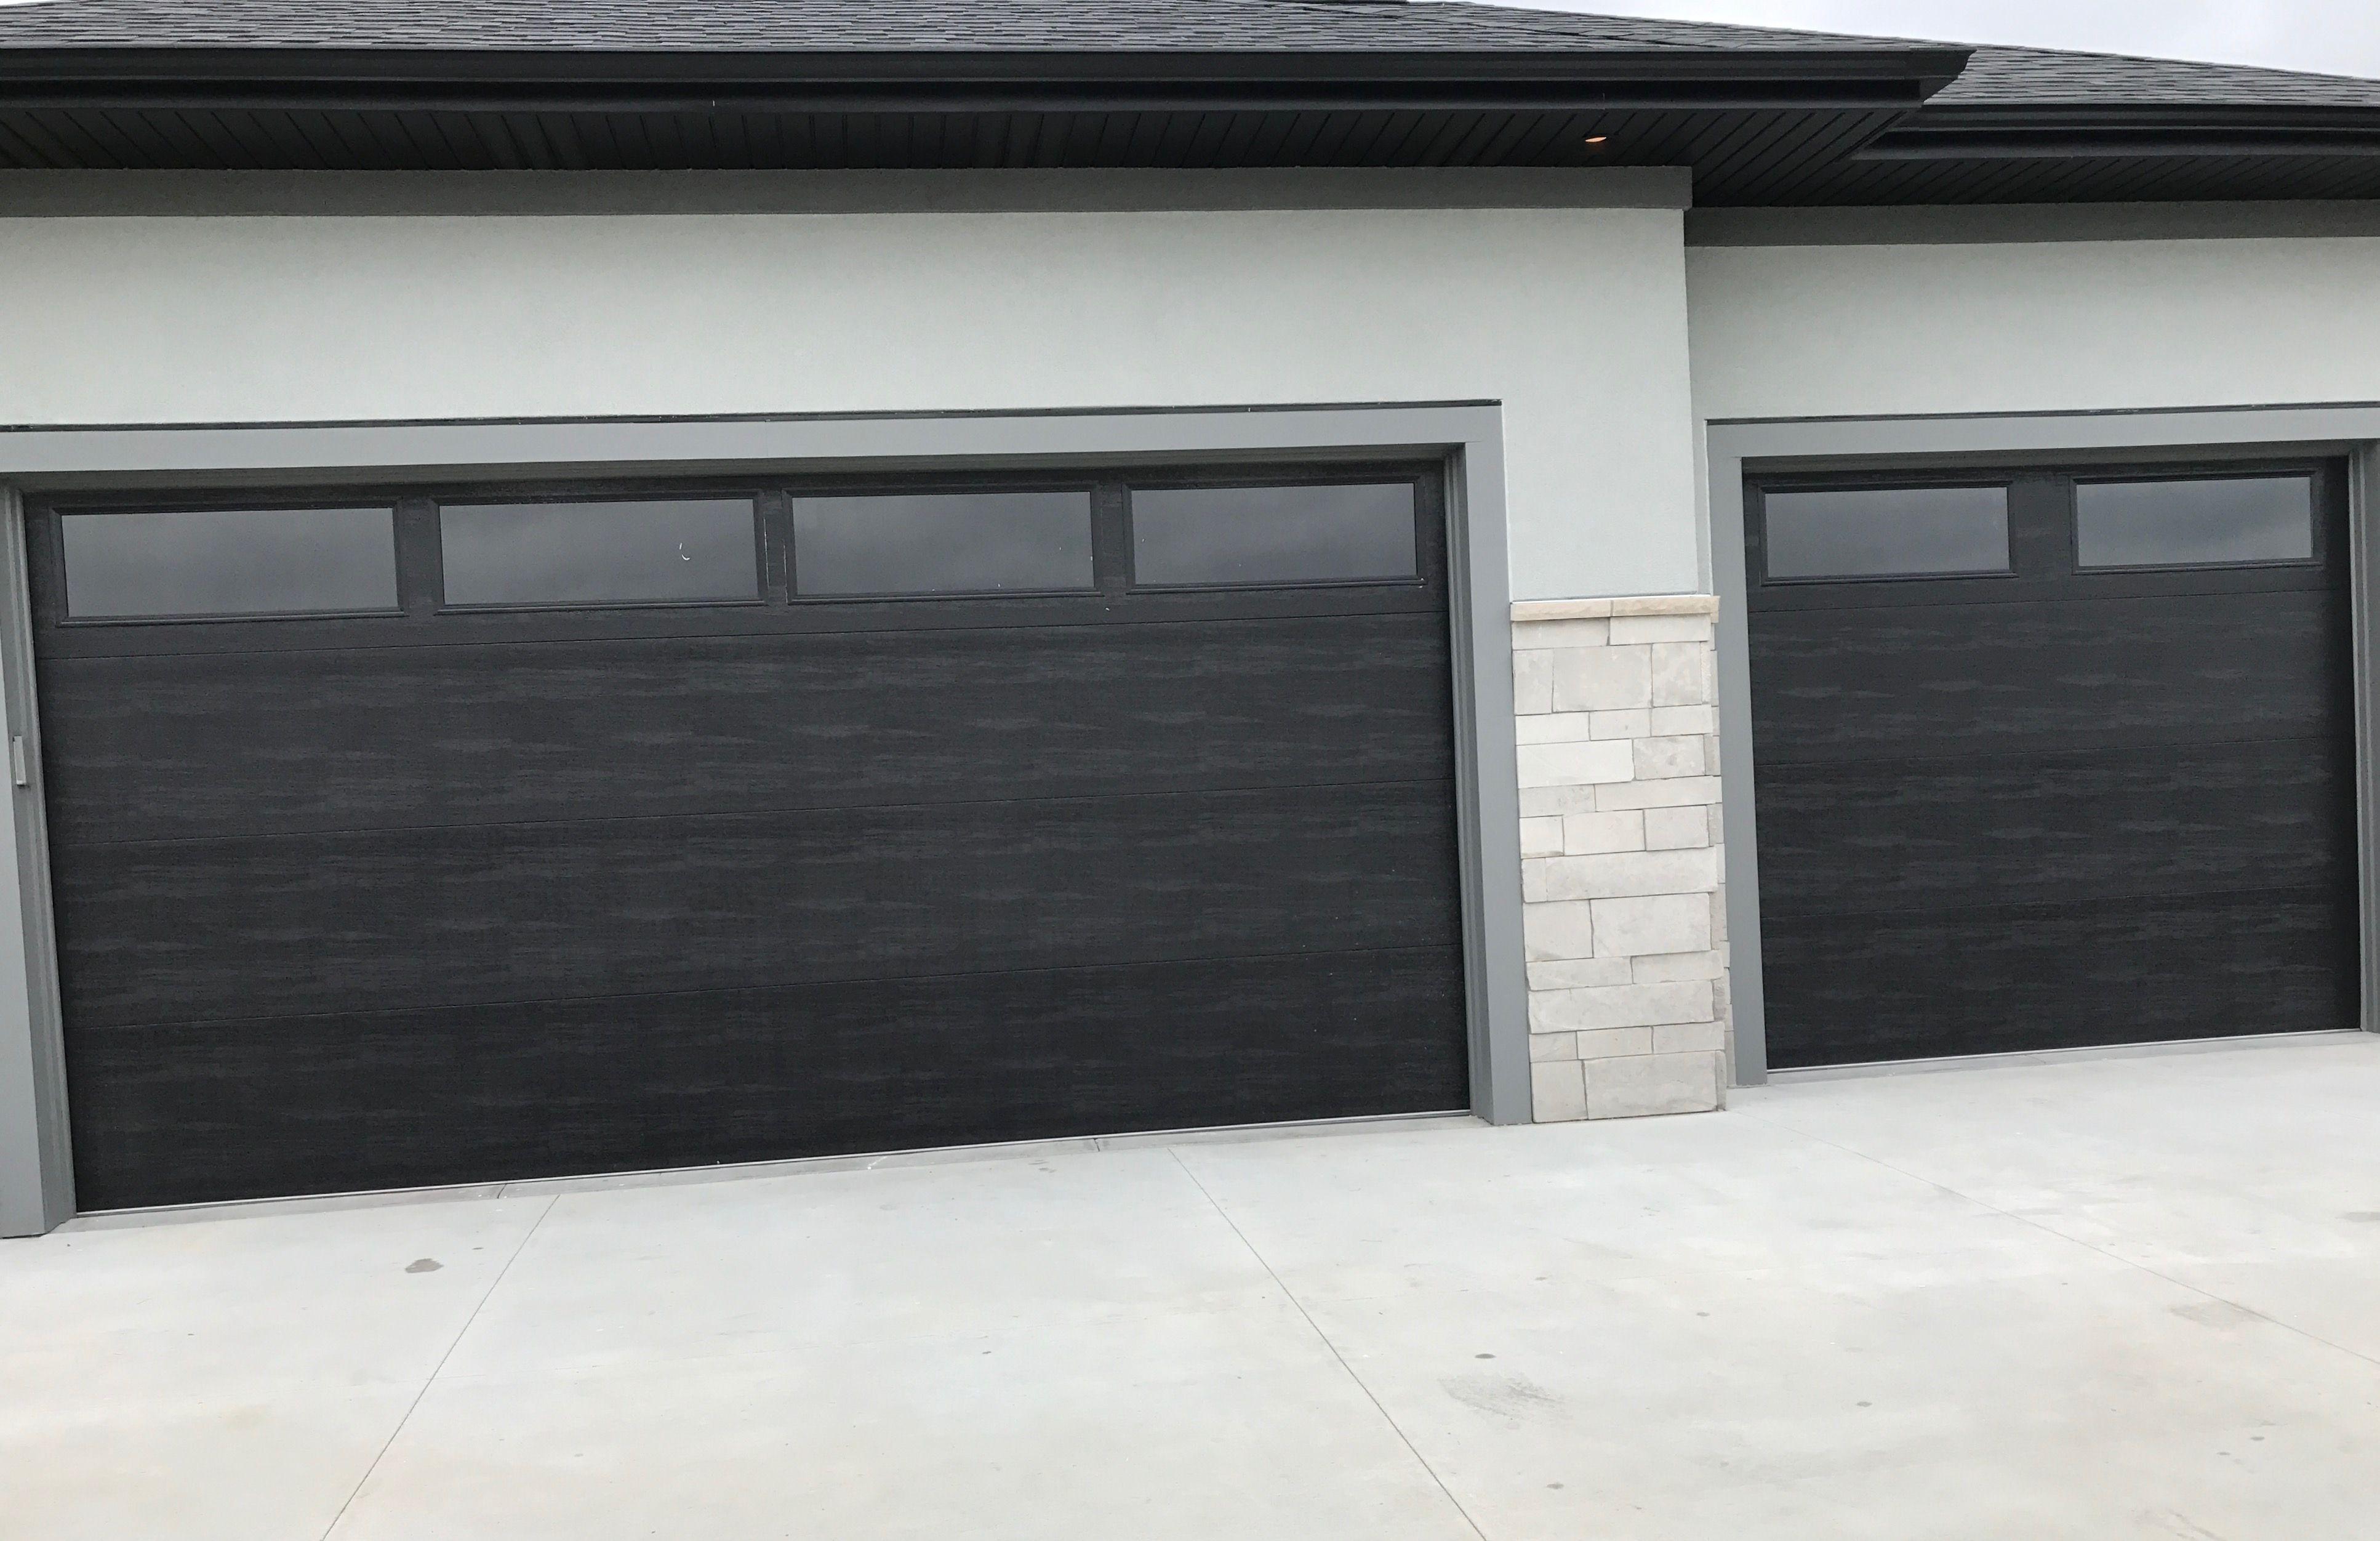 modoor access industrial opener switch garage system master revzilla mo door motorcycle waterproof